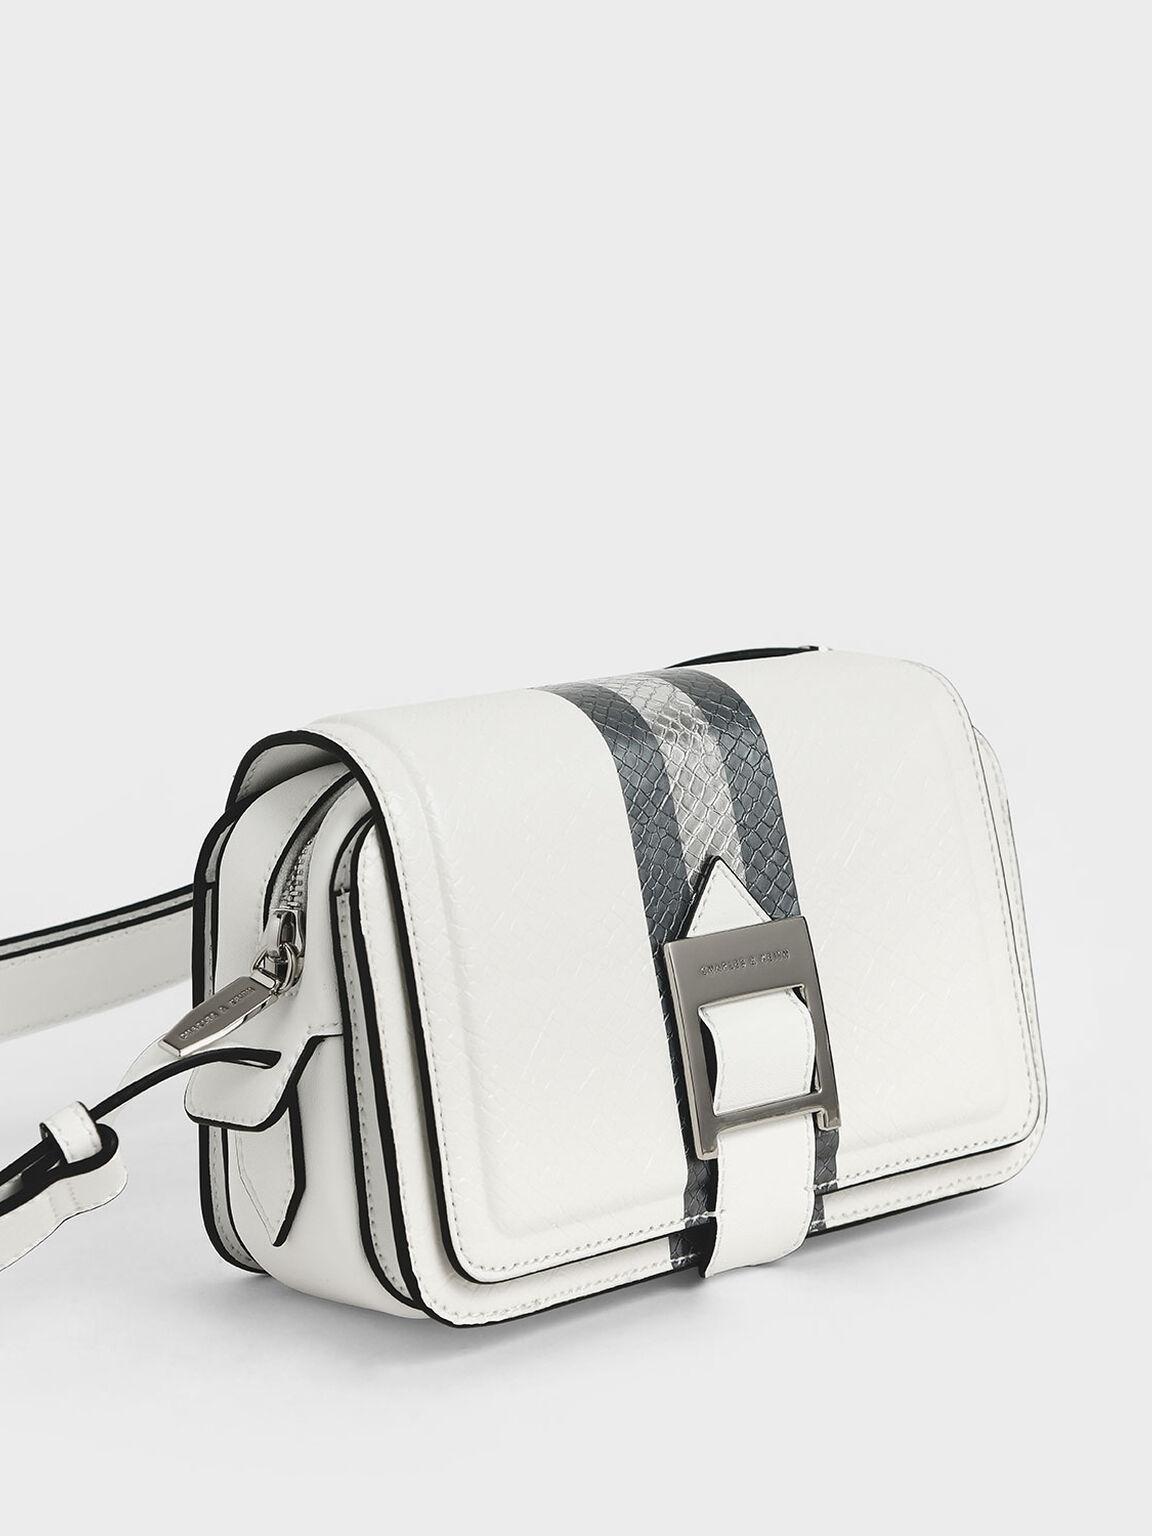 Buckle Strap Snake Print Shoulder Bag, White, hi-res